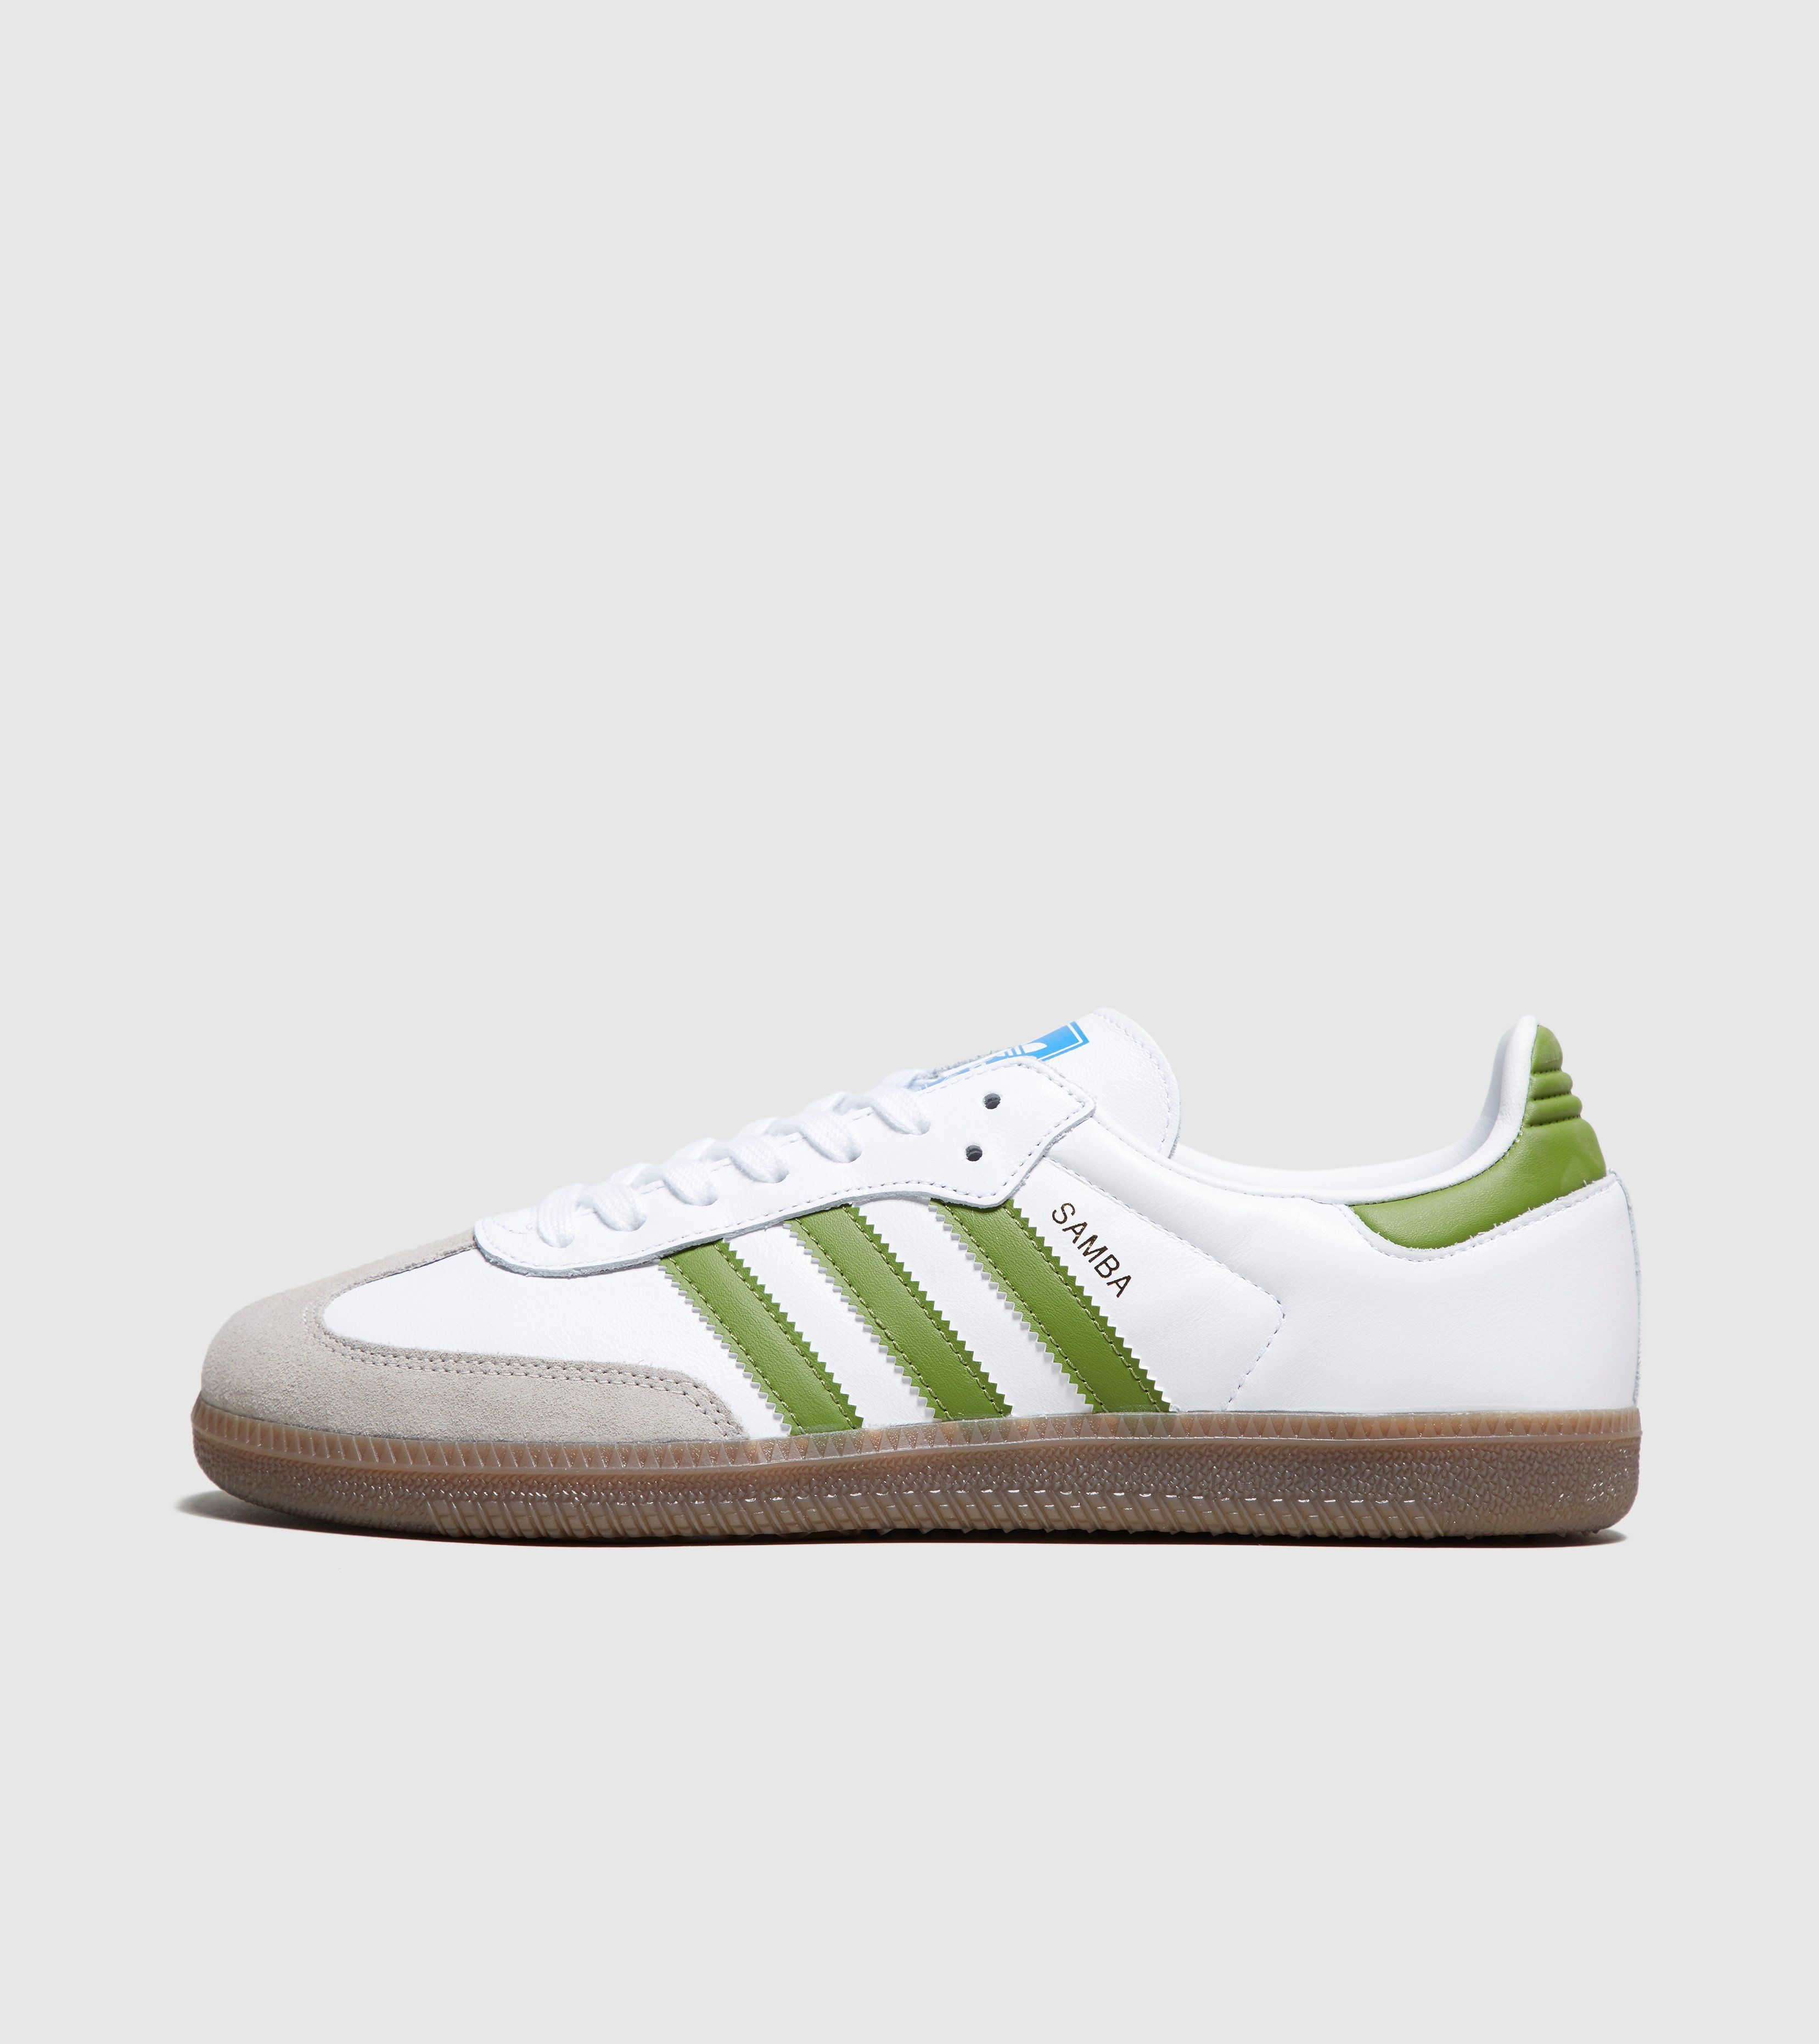 285610ac1fd adidas Originals Samba OG | Size?